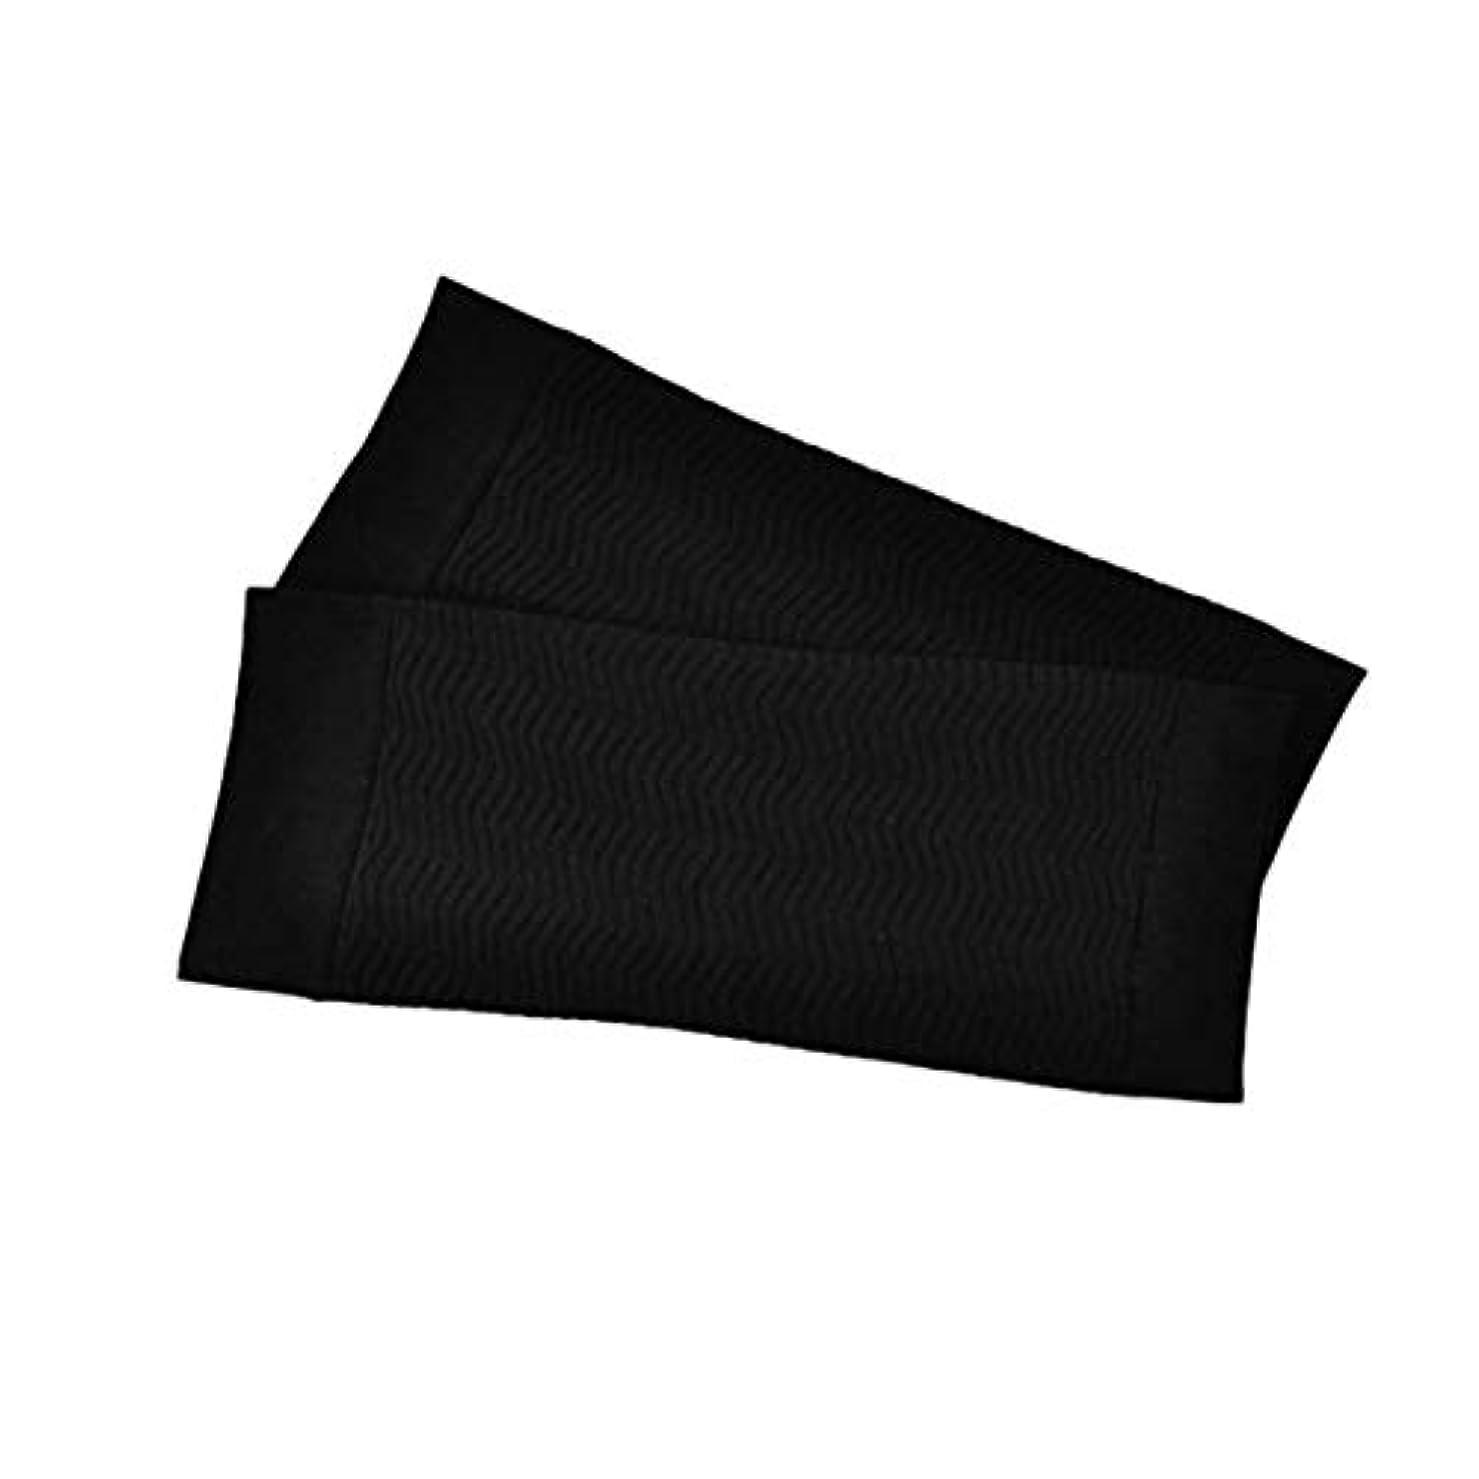 自分を引き上げるバナー読みやすい1ペア680 D圧縮アームシェイパーワークアウトトーニングバーンセルライトスリミングアームスリーブ脂肪燃焼半袖用女性 - ブラック